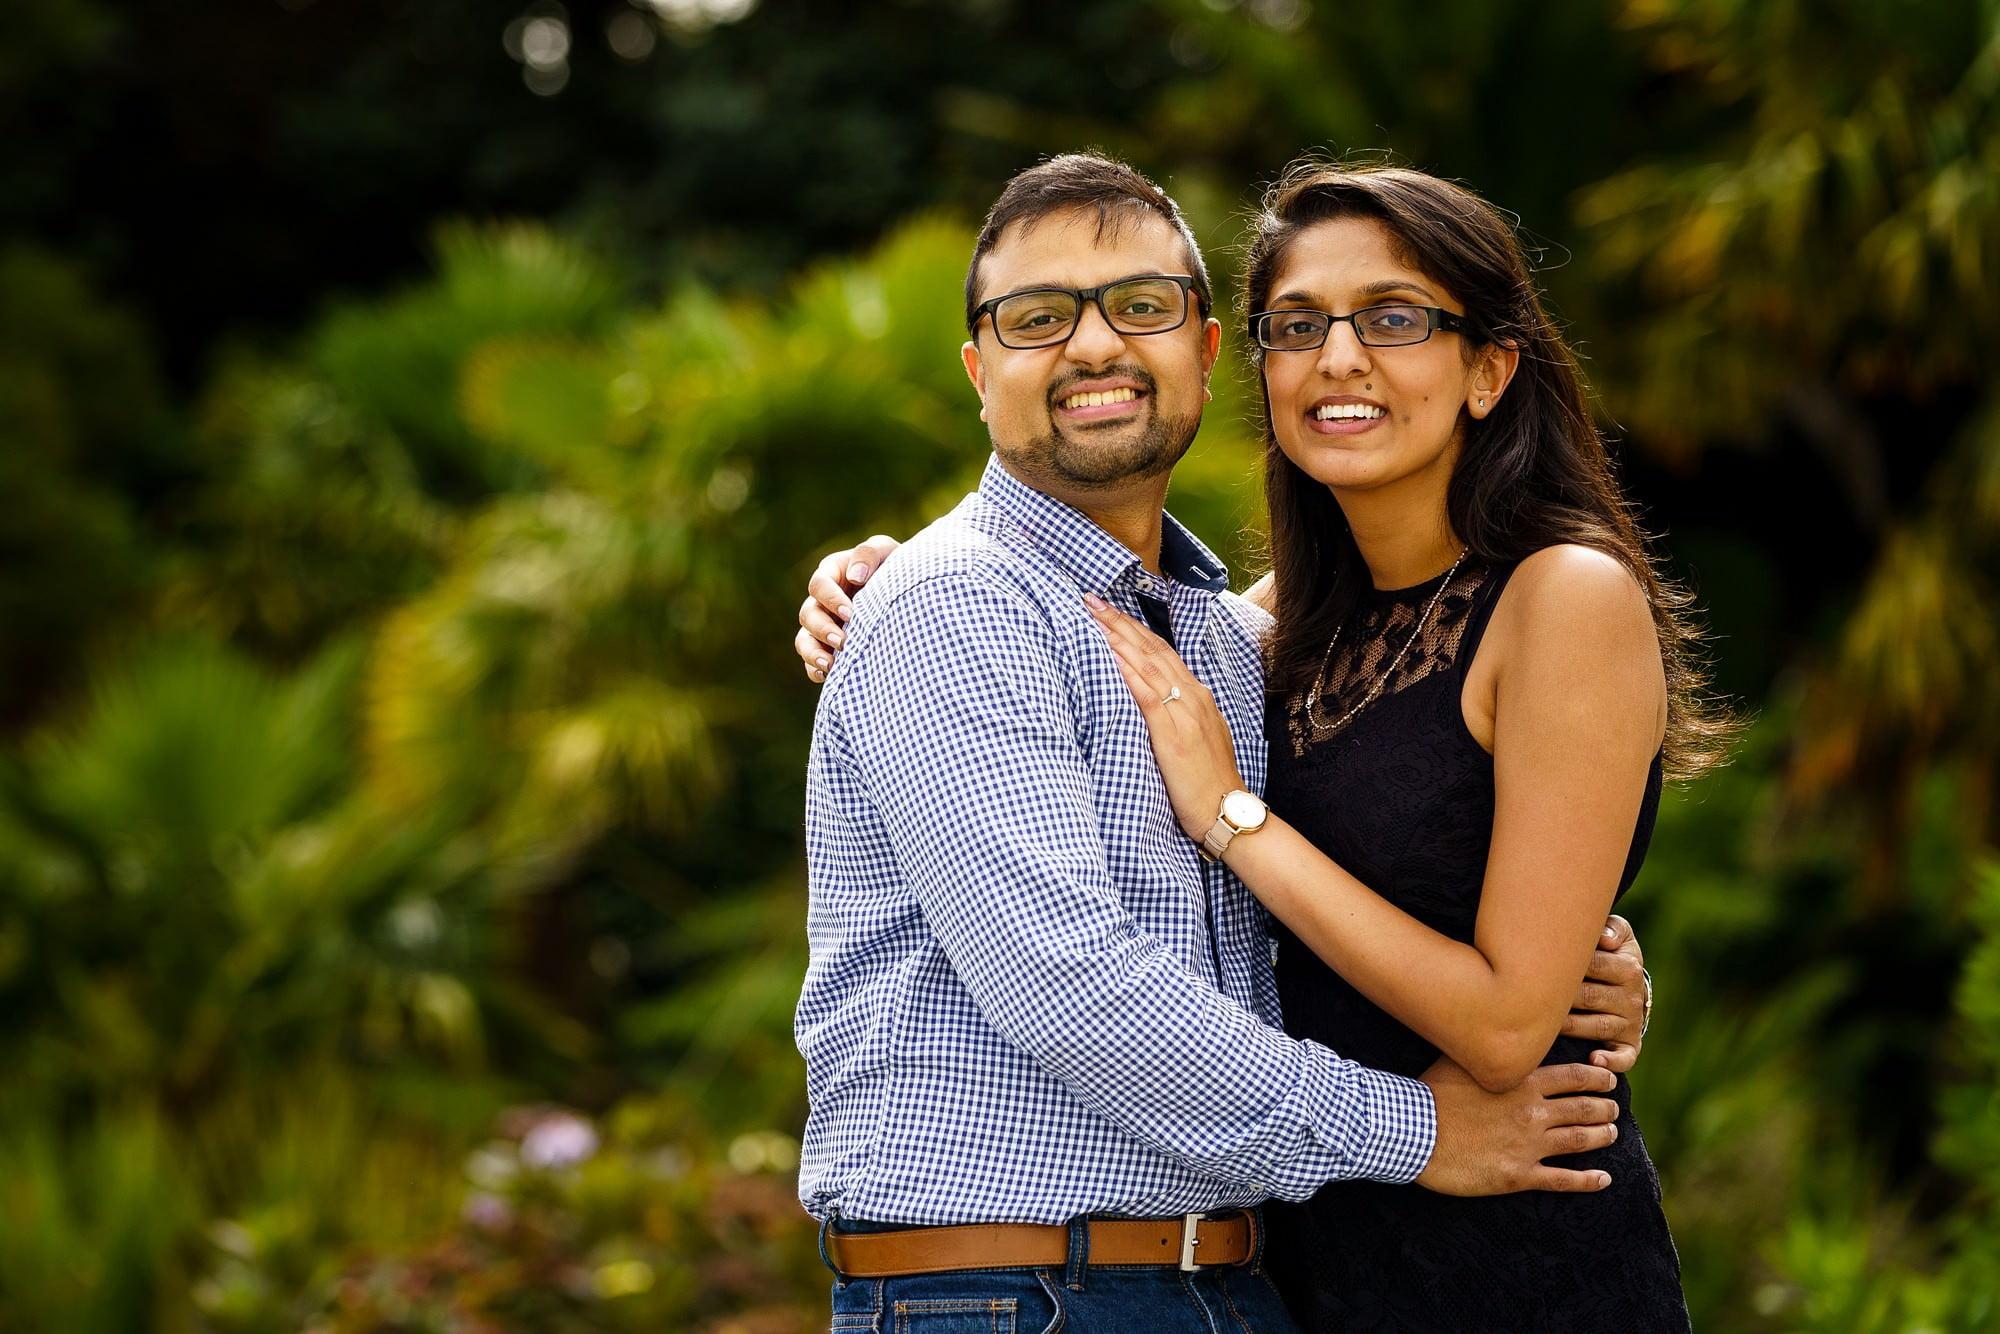 Trebah gardens wedding proposal 19